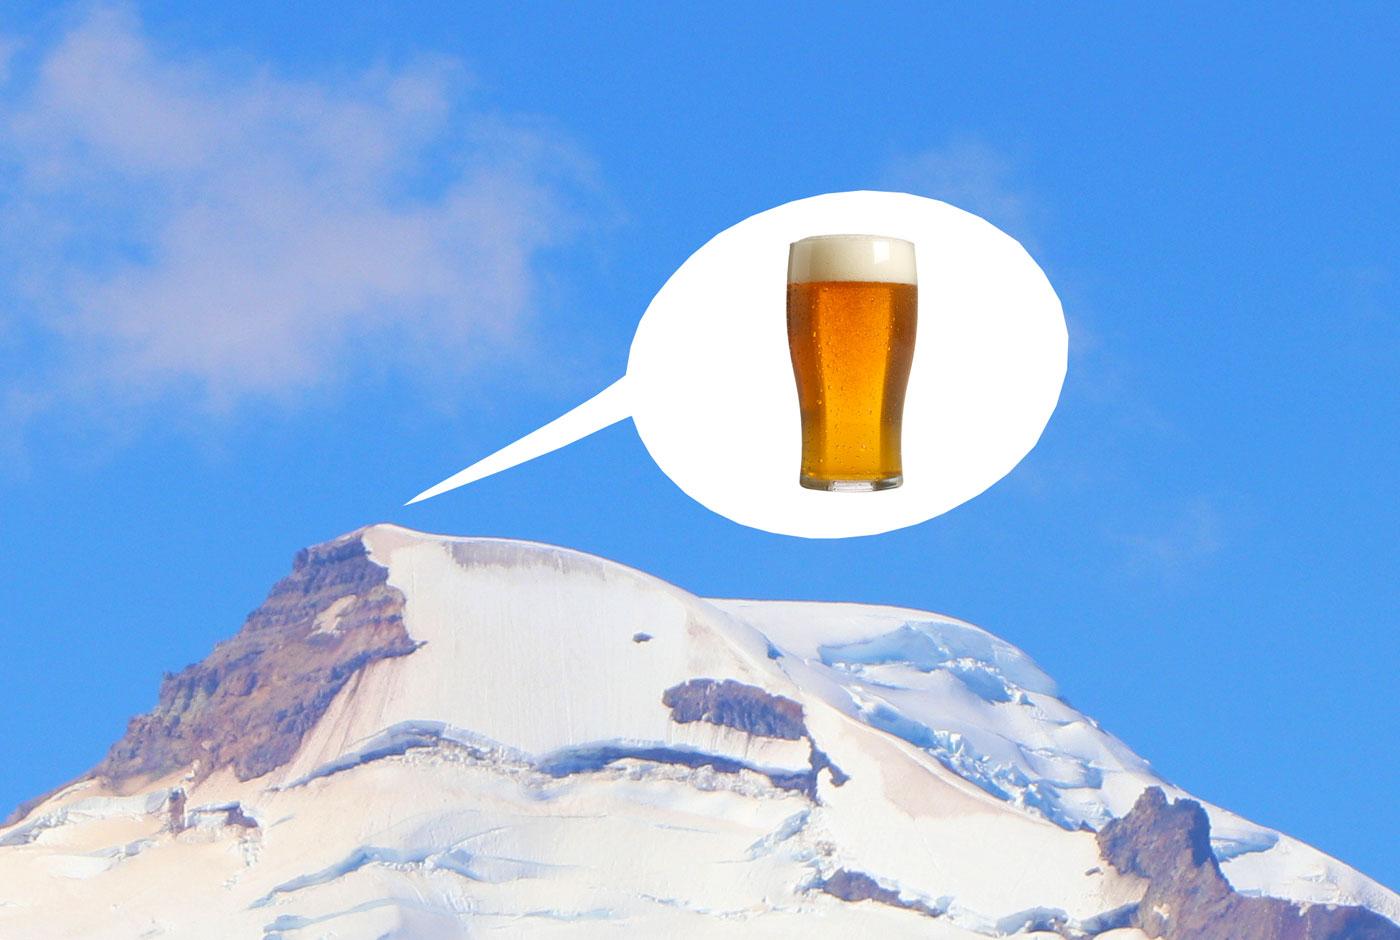 Peaks-and-Pints-Bellingham-Beer-Week-Prefunk-calendar